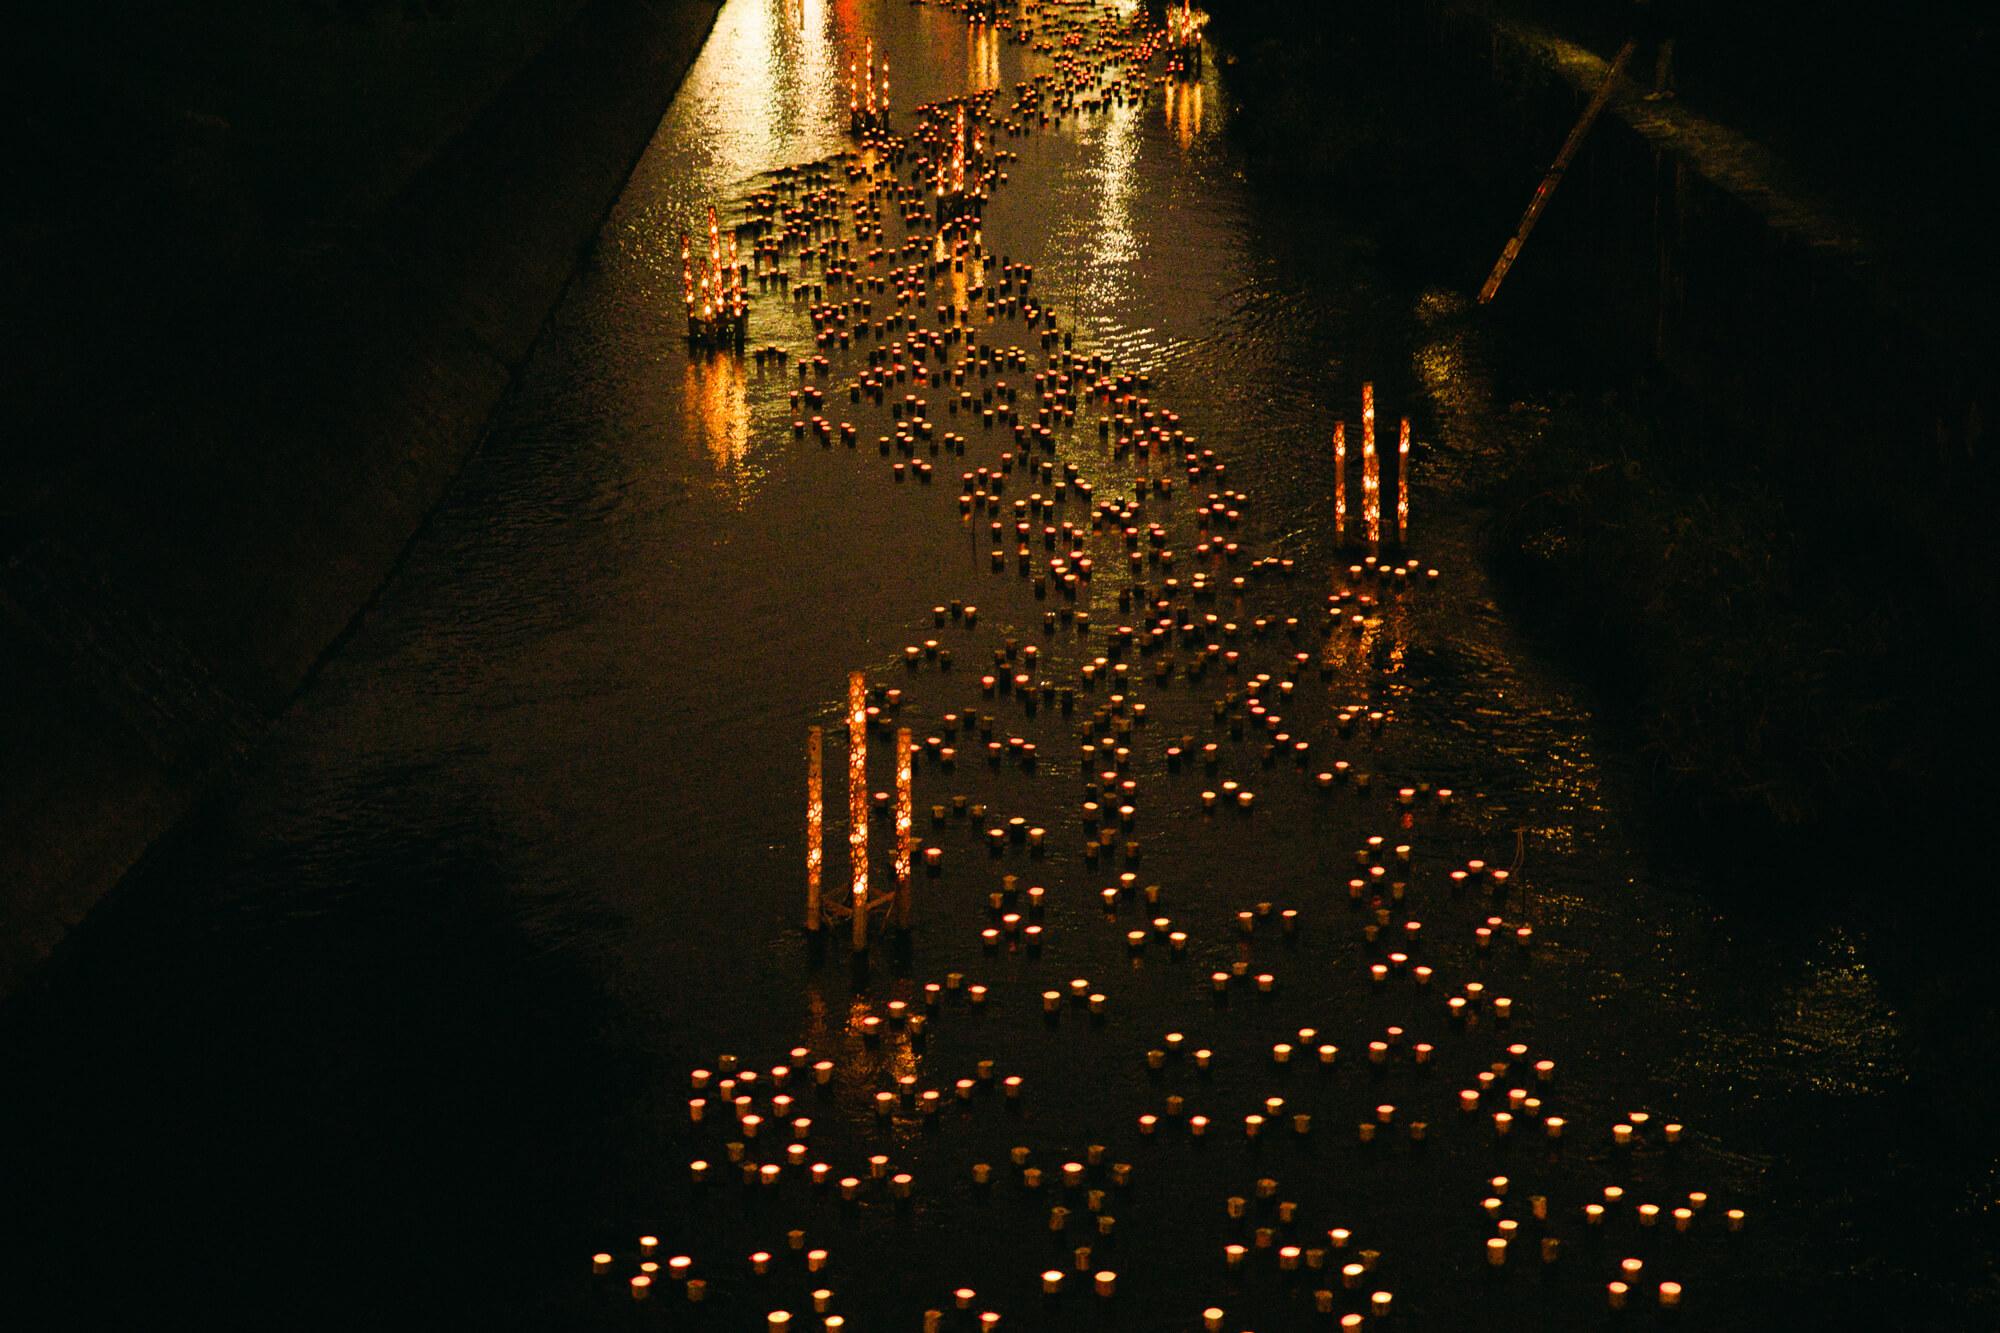 坪井川の光景